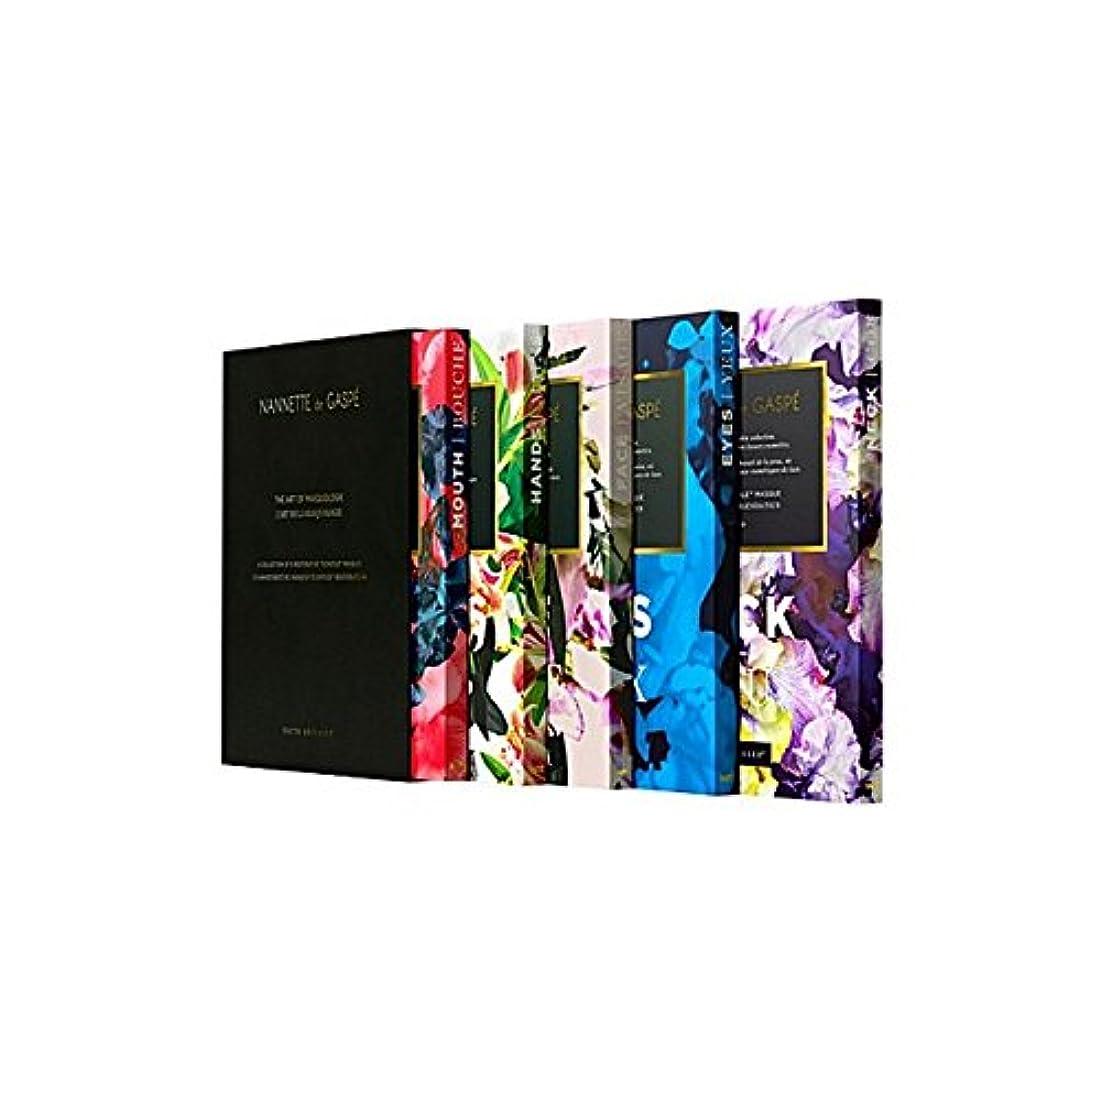 更新昆虫を見る単にデガスペ修復仮面劇コフレ x4 - Nannette De Gaspe Restorative Techstile Masque Coffret (Pack of 4) [並行輸入品]